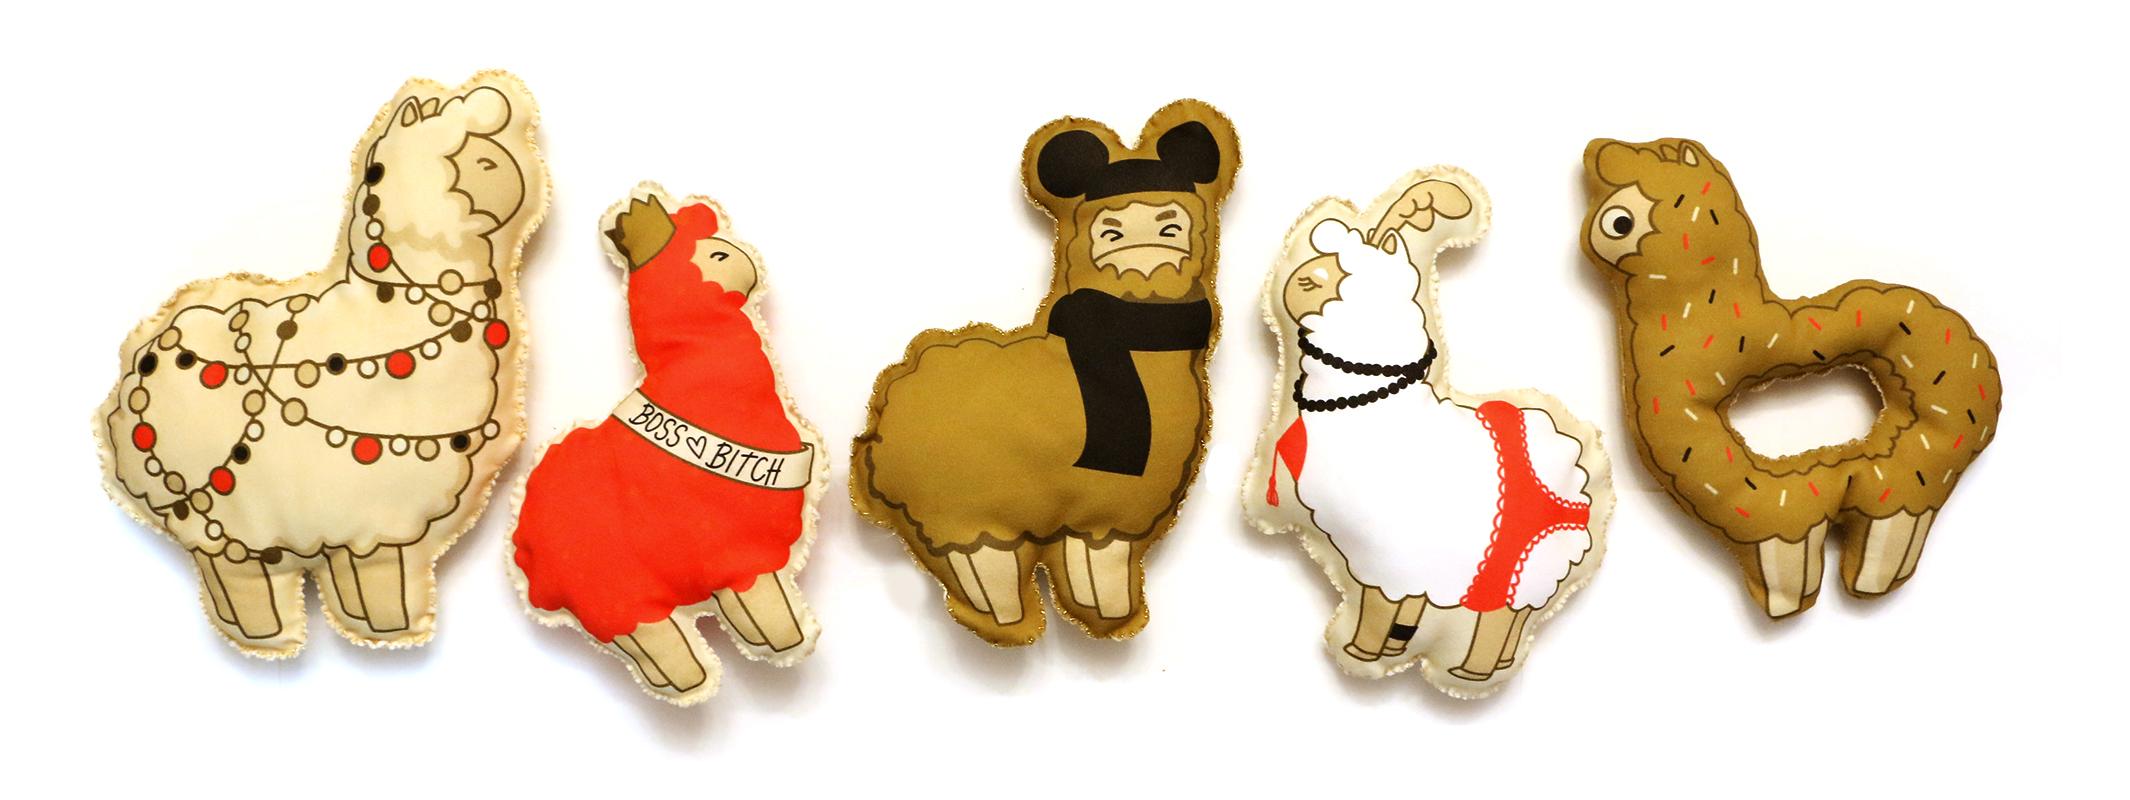 ad-alpaca-long2.jpg